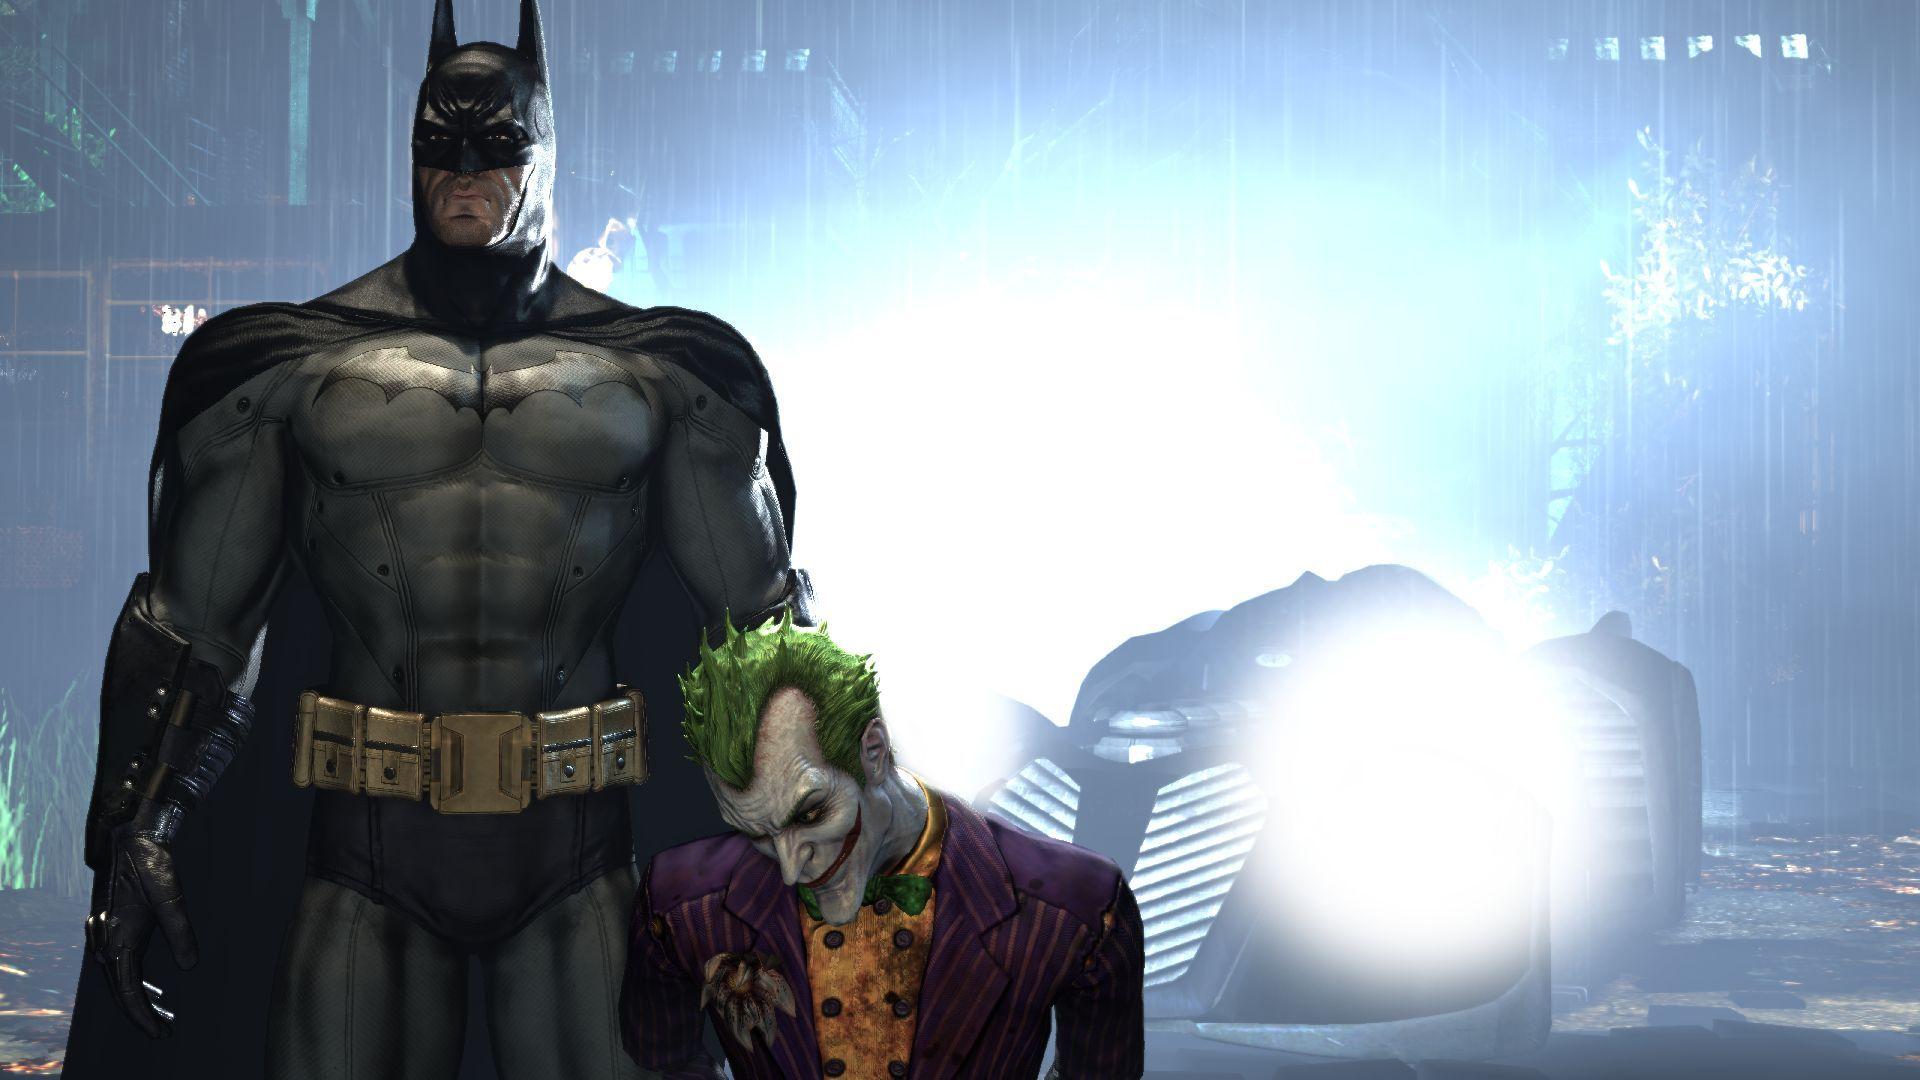 Batman Arkham Asylum Hd Wallpaper 1080p Joker 17406 Hd Wallpapers 1920x1080